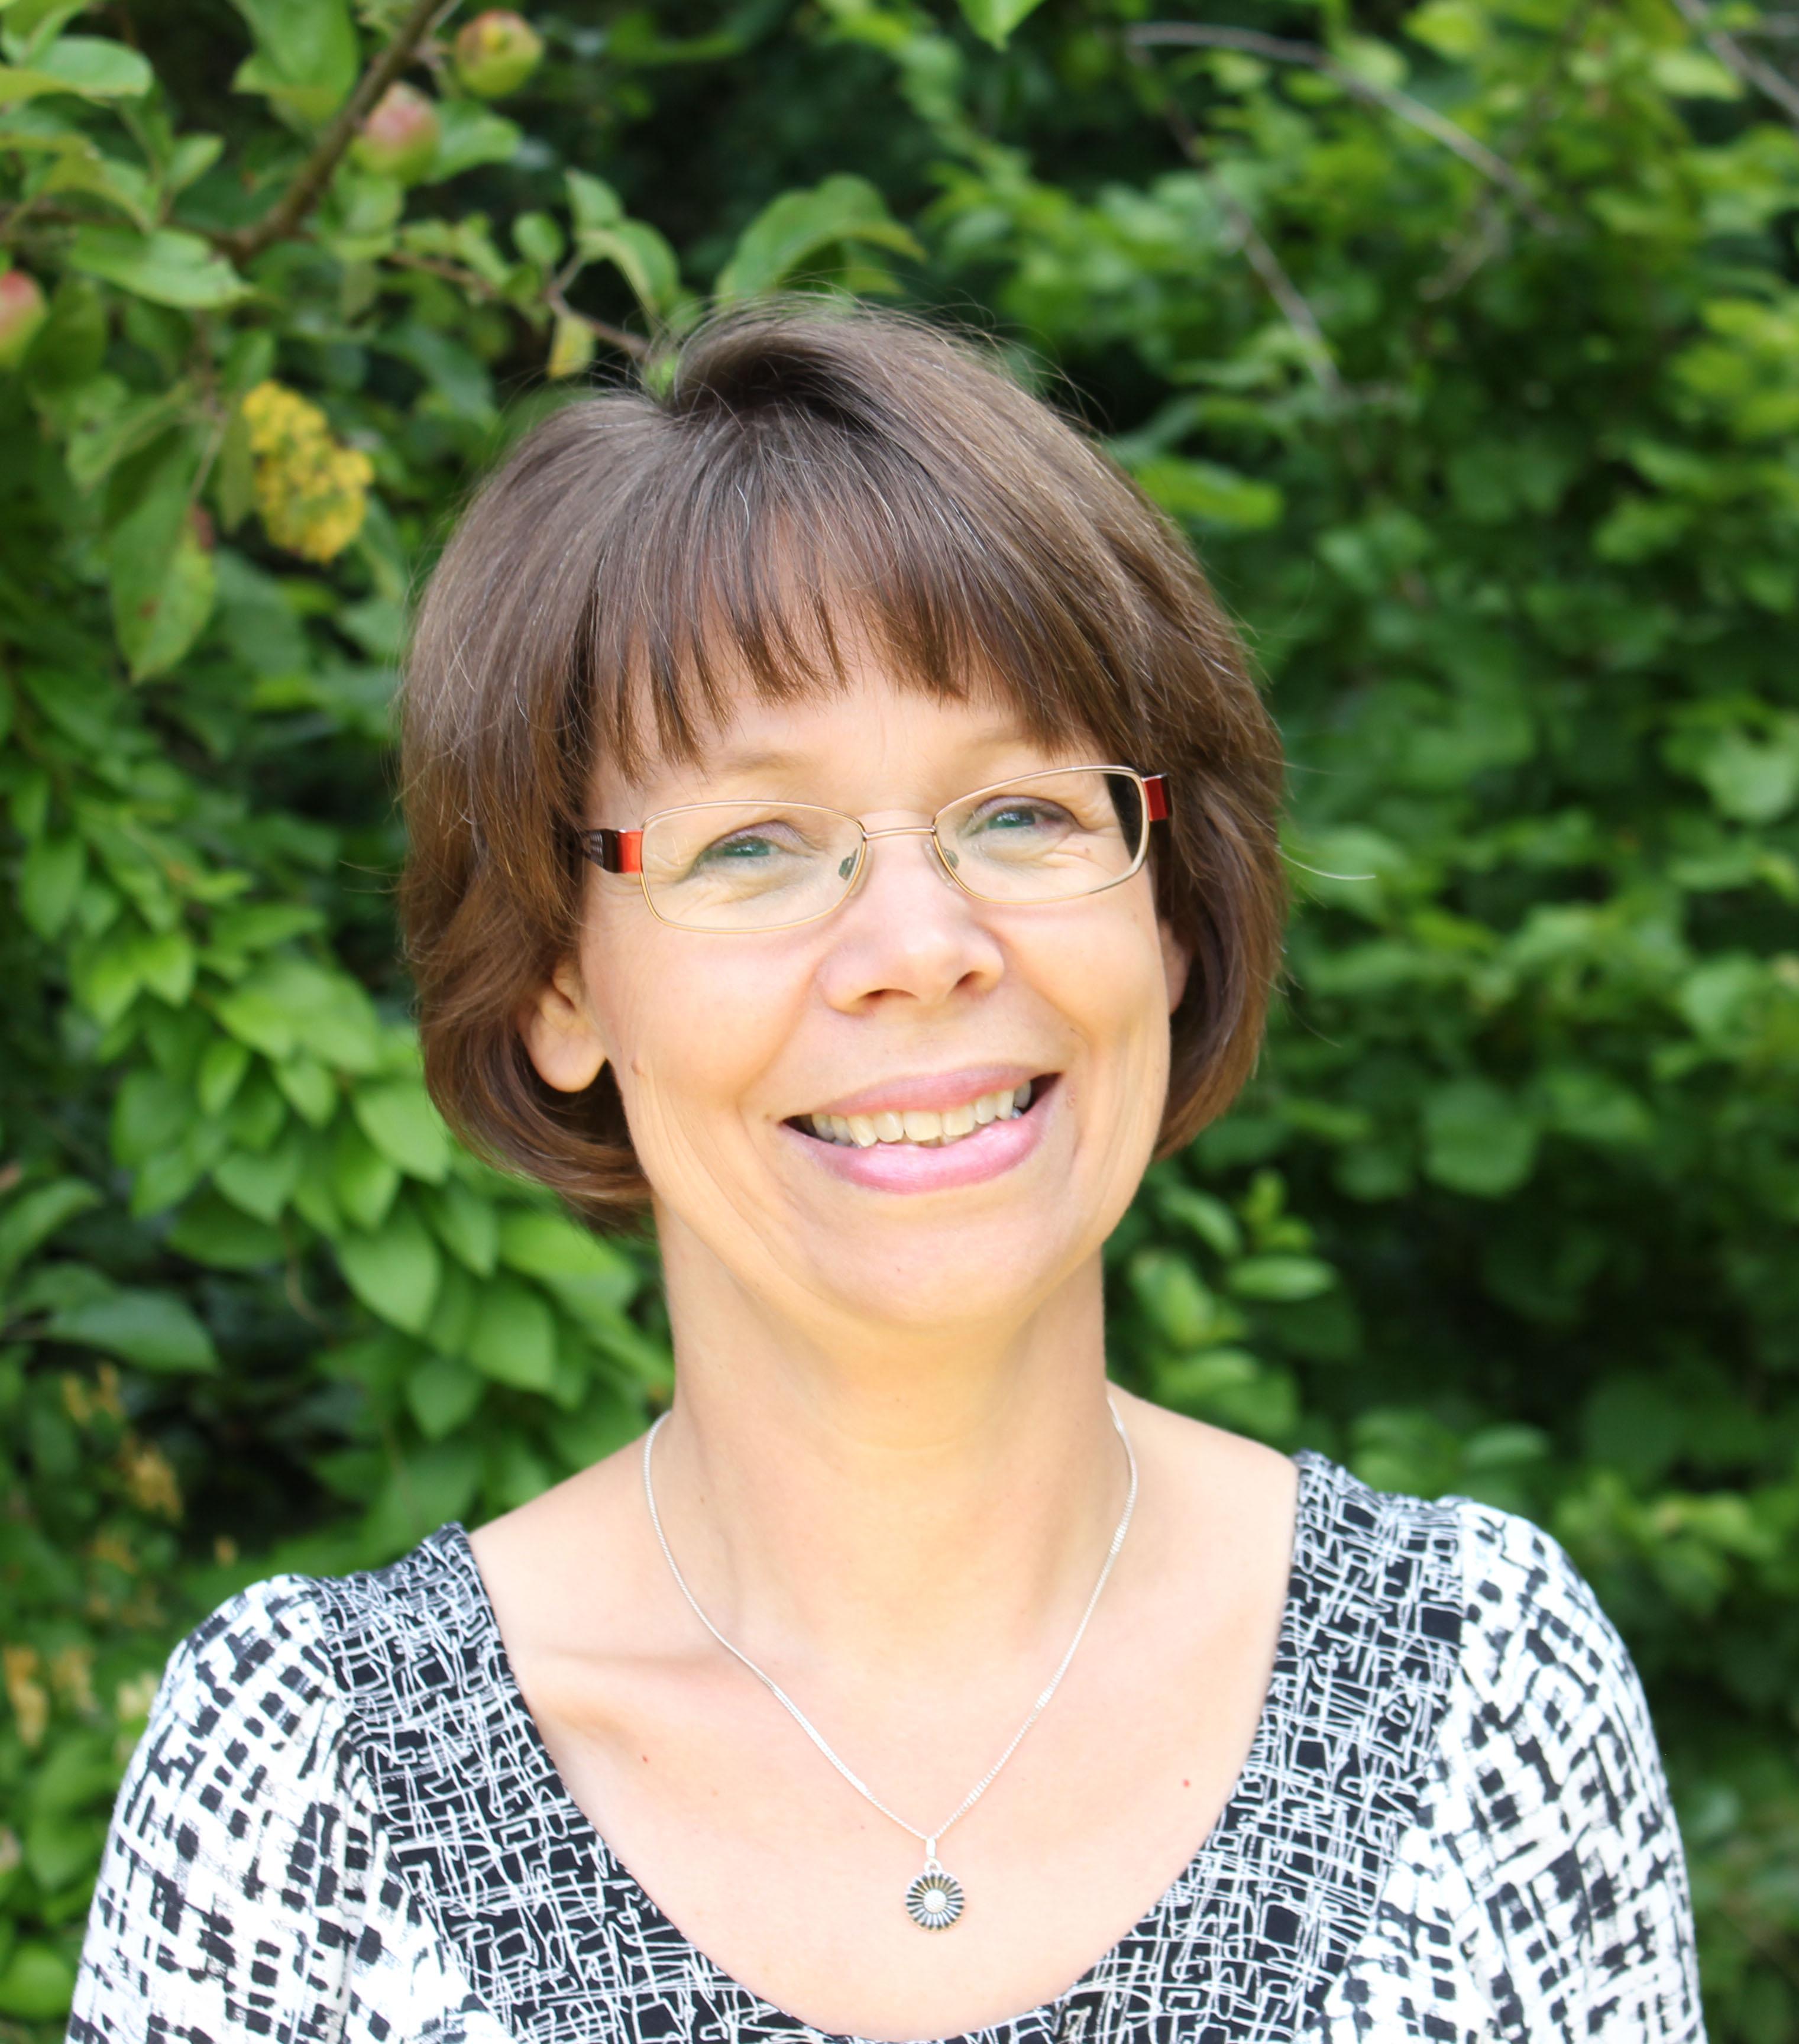 Kontakt Sonja Petersen